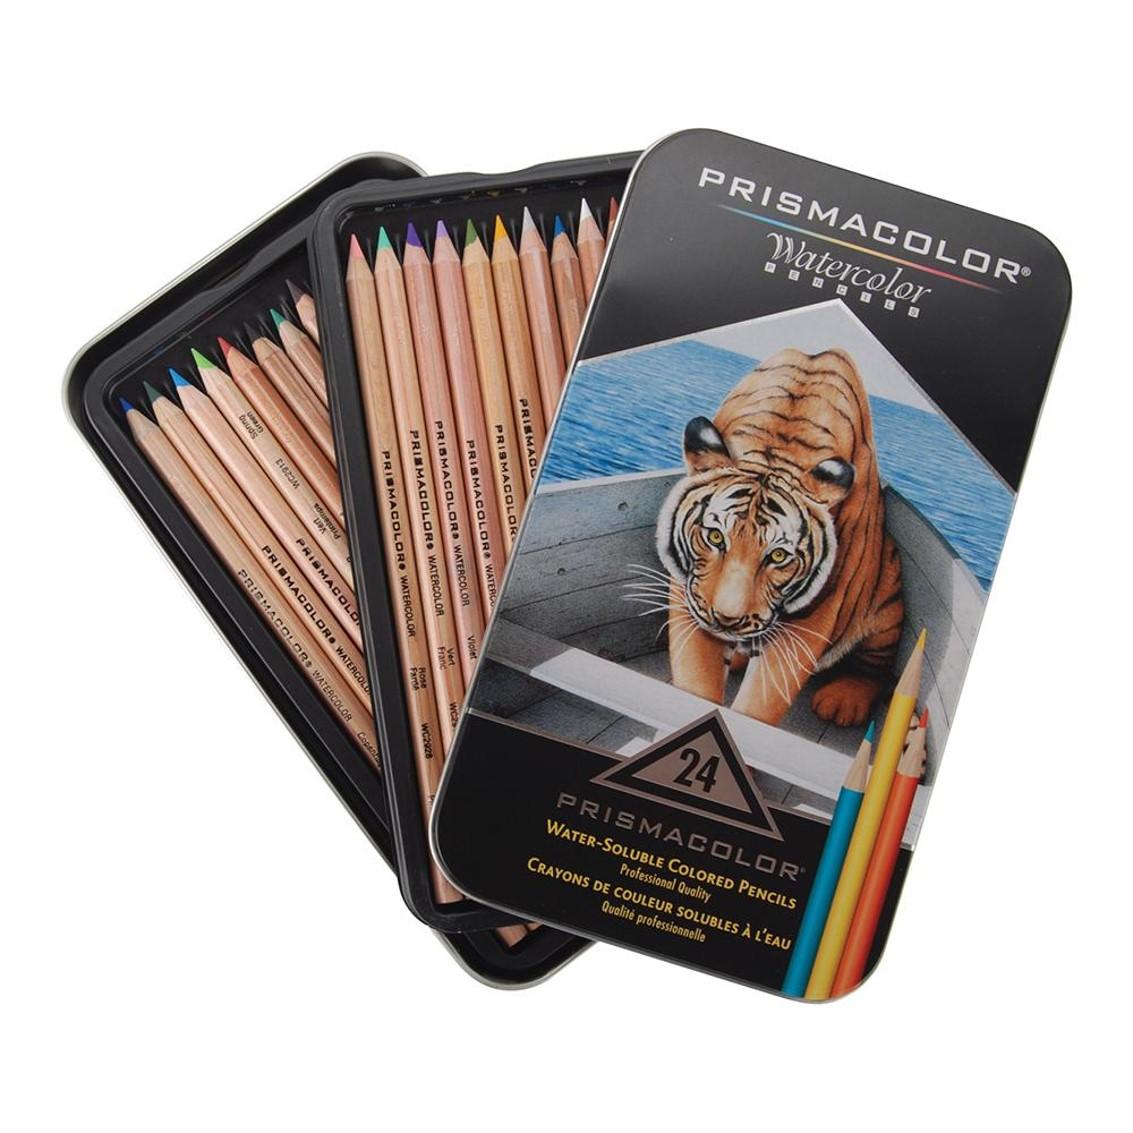 Prismacolor Watercolour Pencils Set of 24